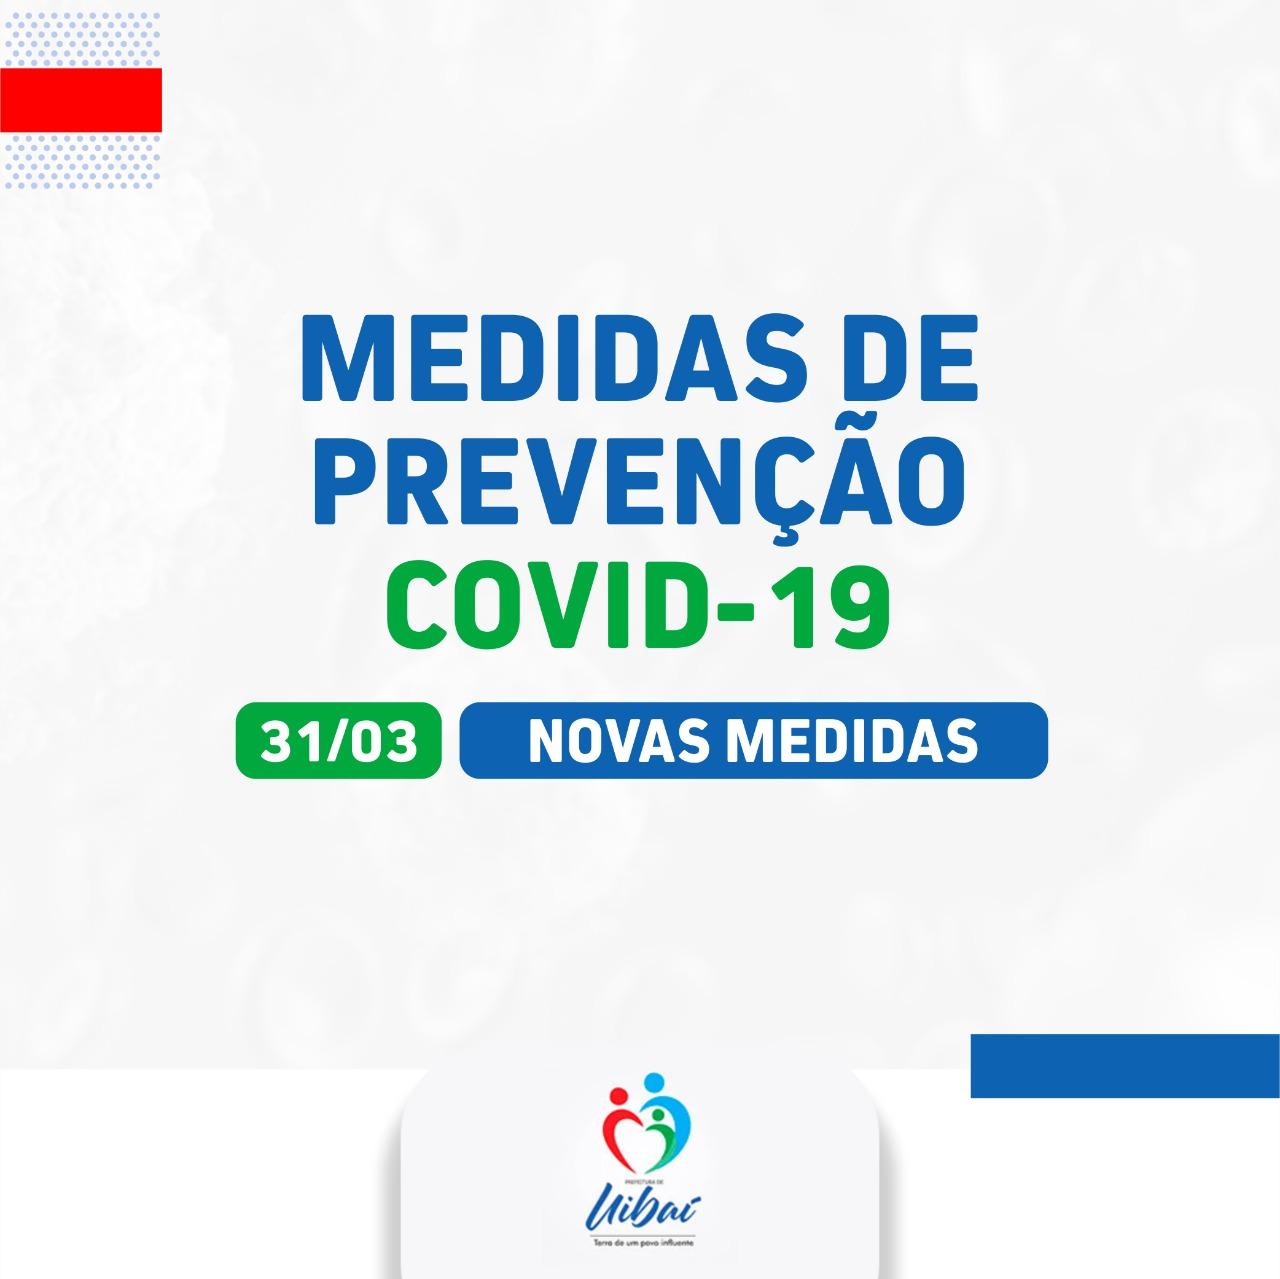 SITUAO-DE-EMERGNCIA-Uiba-adota-novas-medidas-de-preveno-ao-covid-19